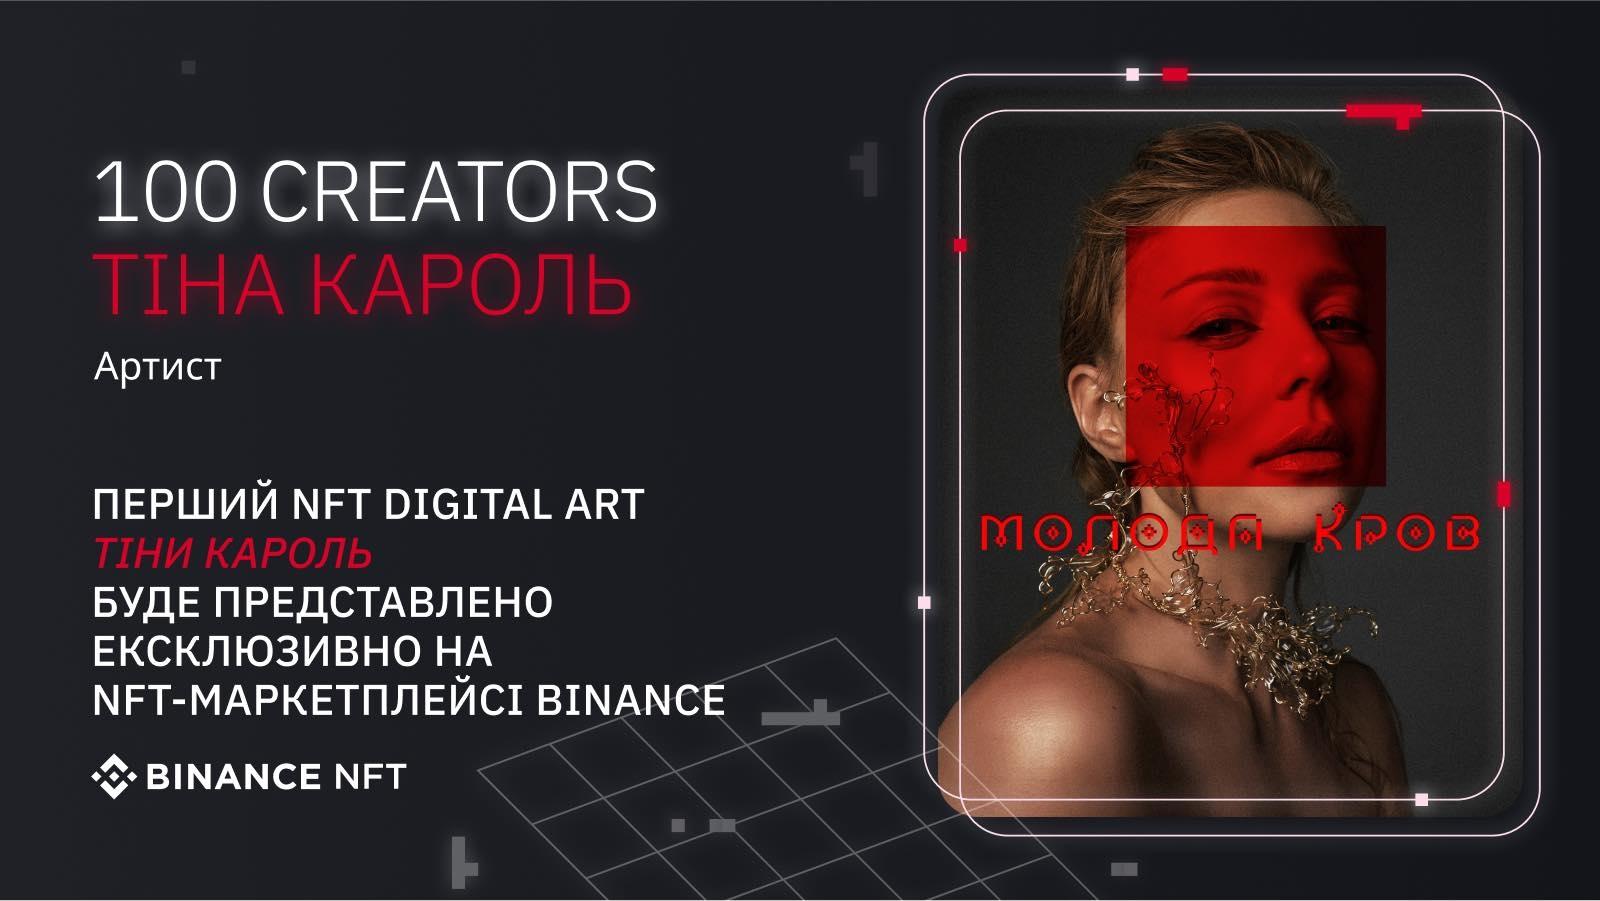 Тина Кароль работает над новым украиноязычным альбомом с молодыми артистами - фото №1